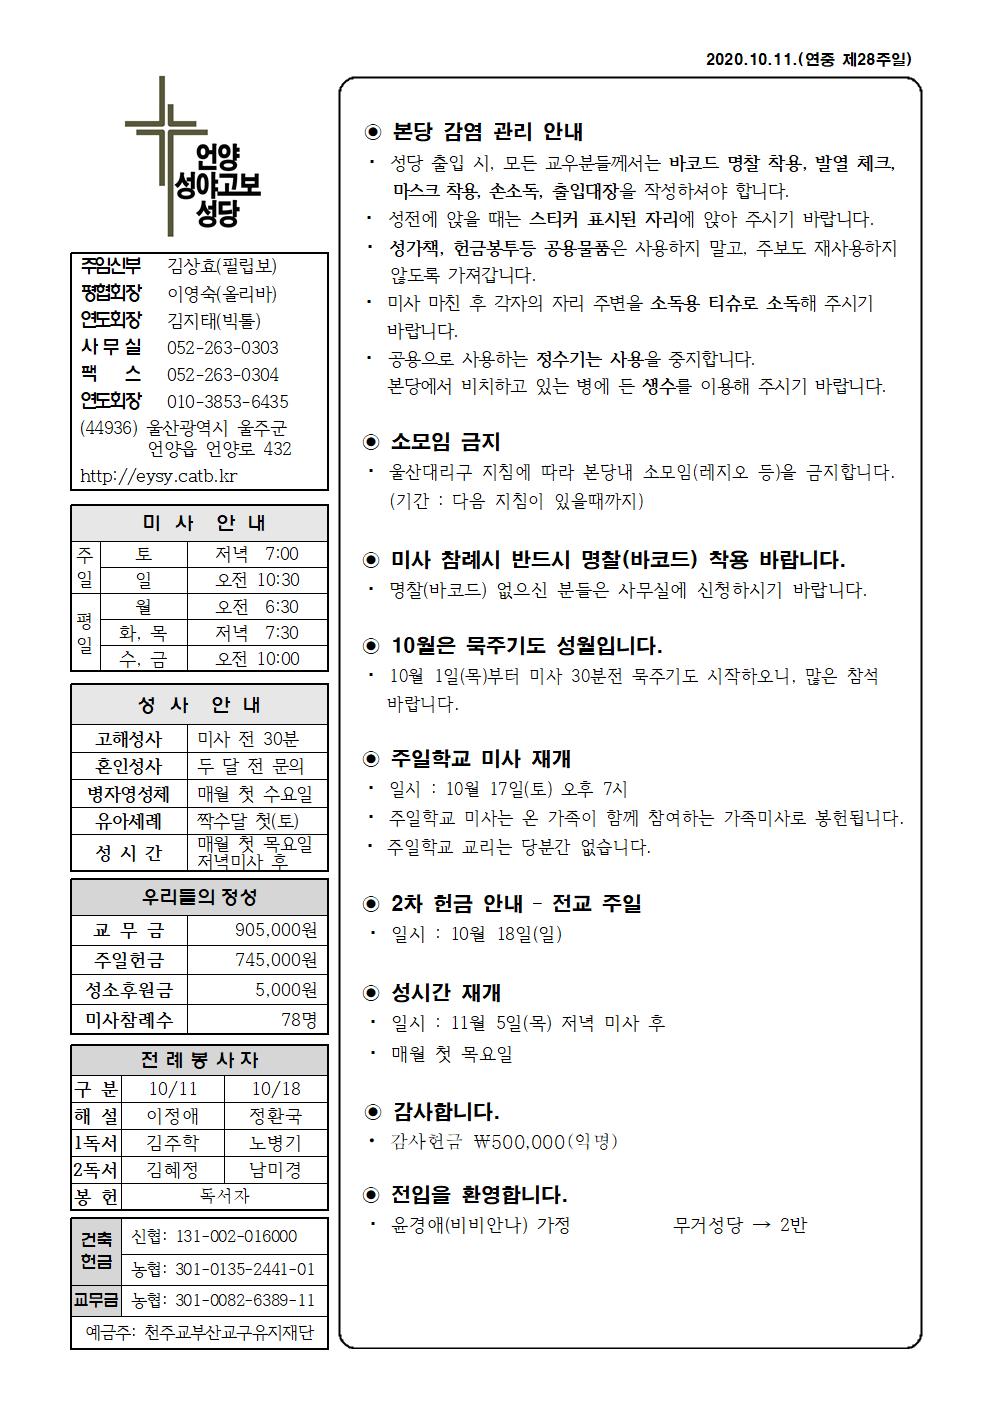 성야고보 20201011001.png